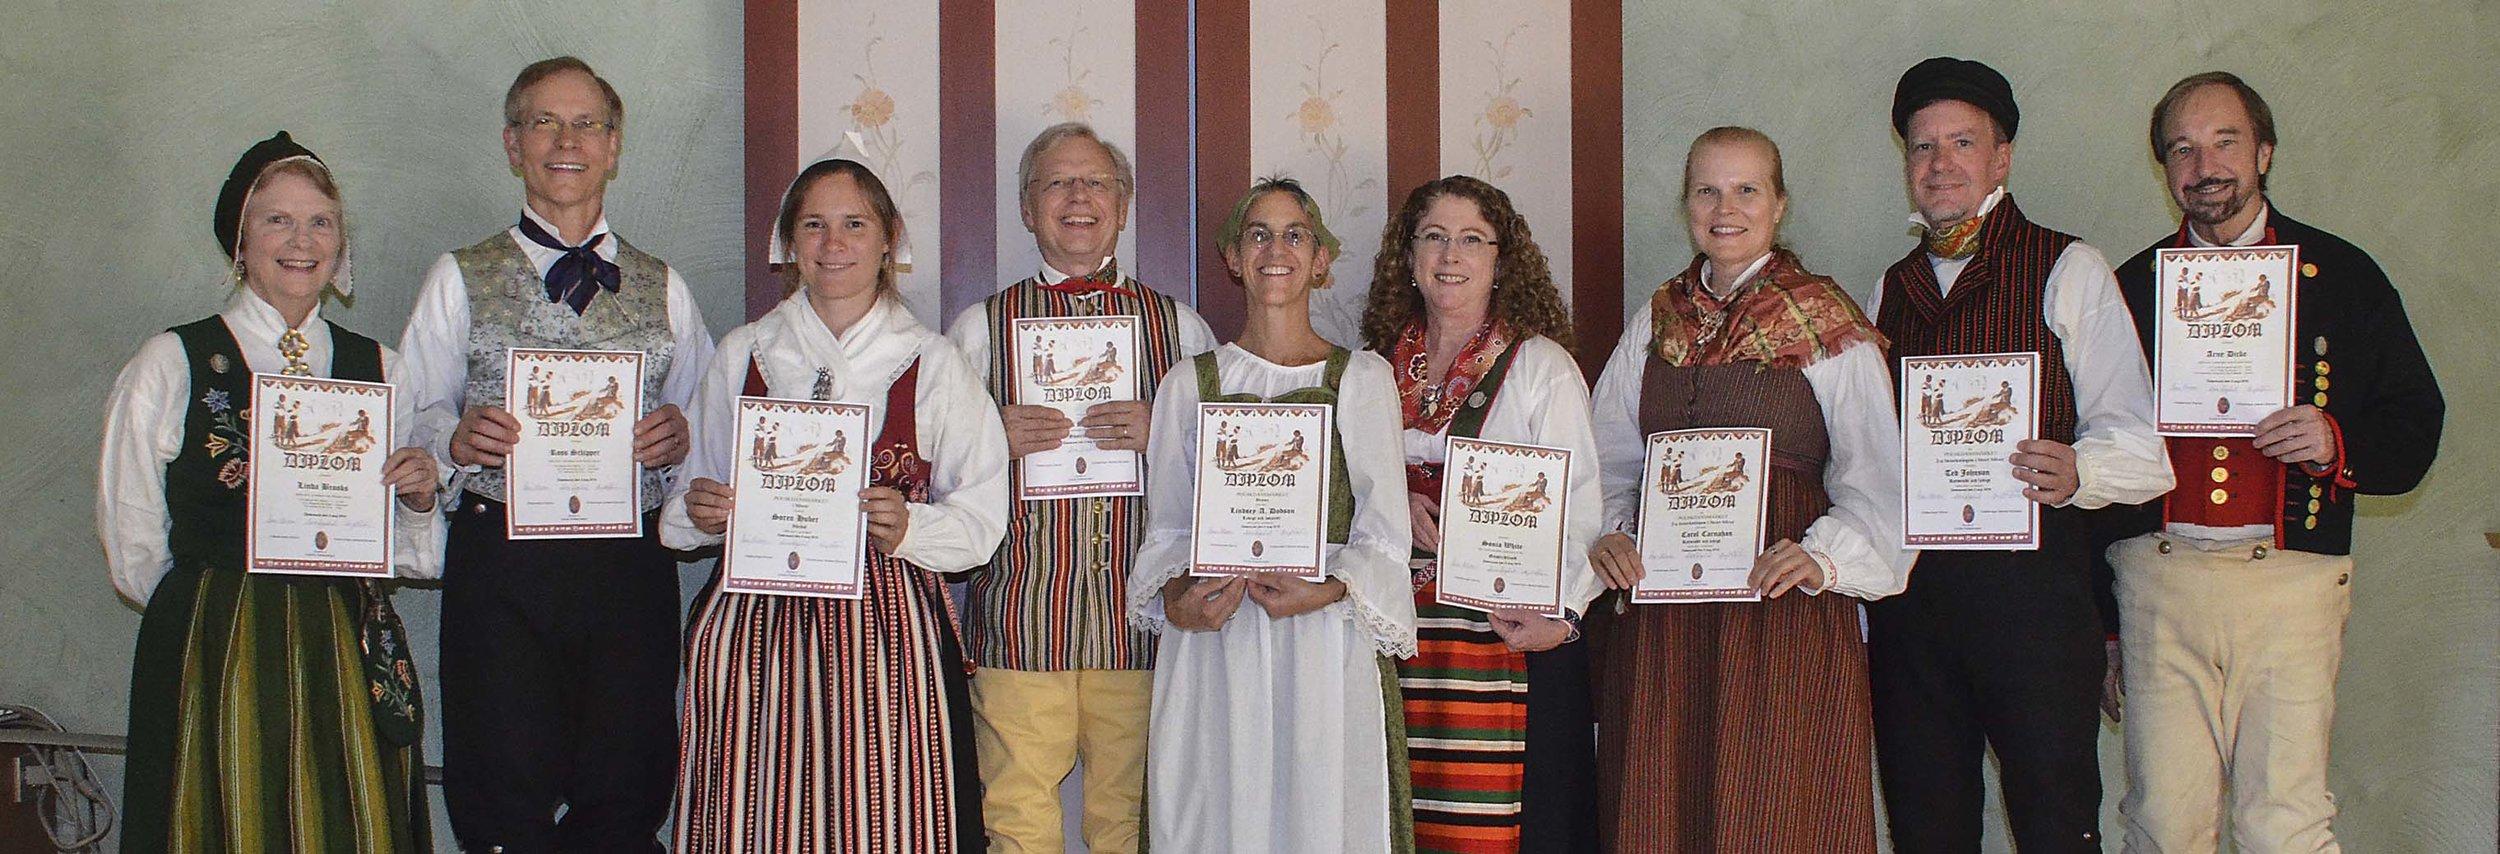 Scandia DC Uppdansning Participants: Östersund, Sweden, August 2016